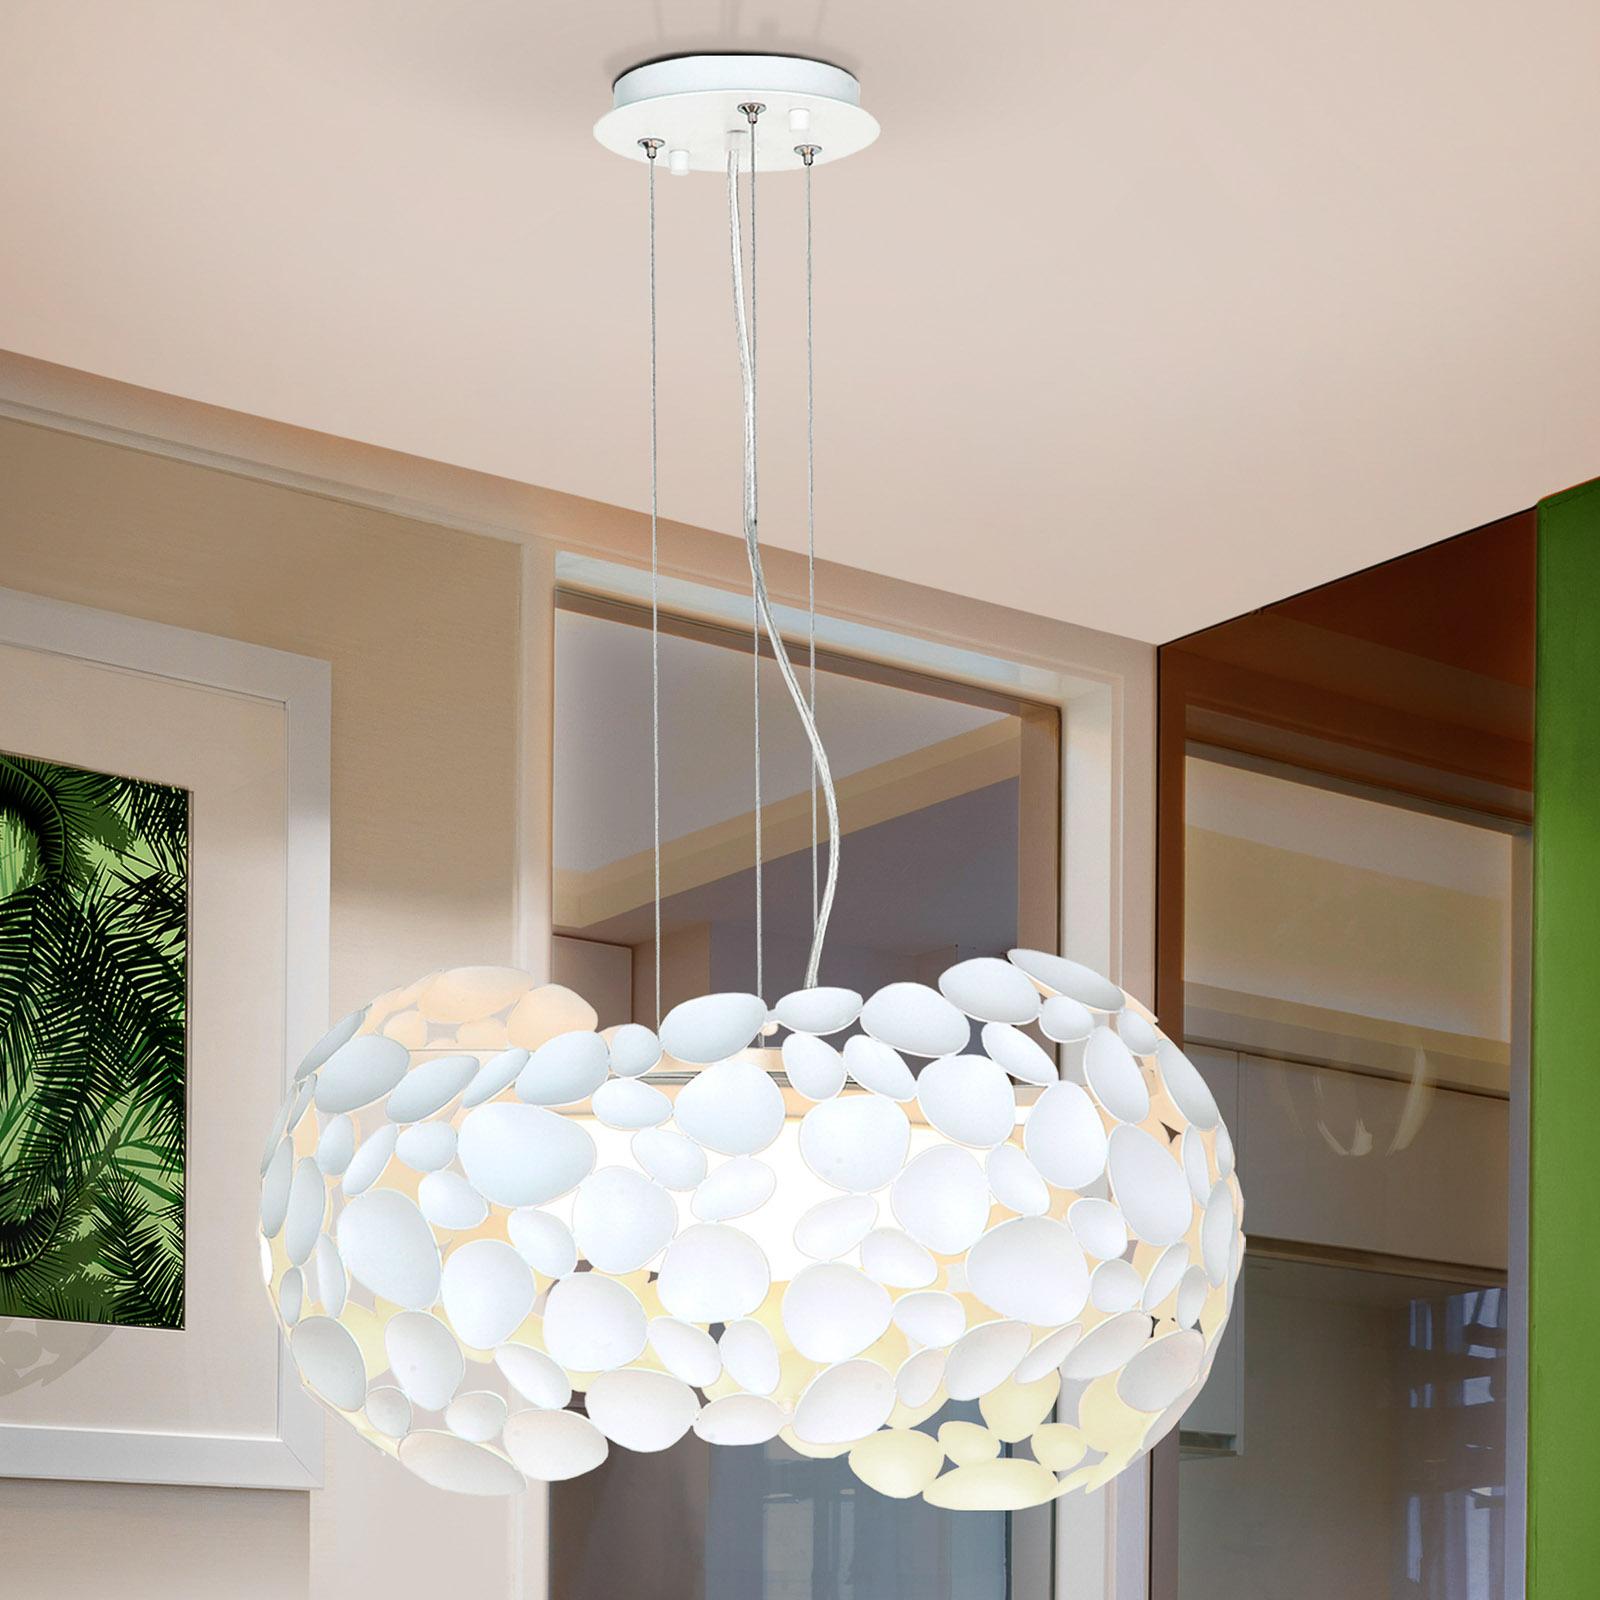 Narisa LED-hængelampe 5xG9, Ø 47 cm, hvid